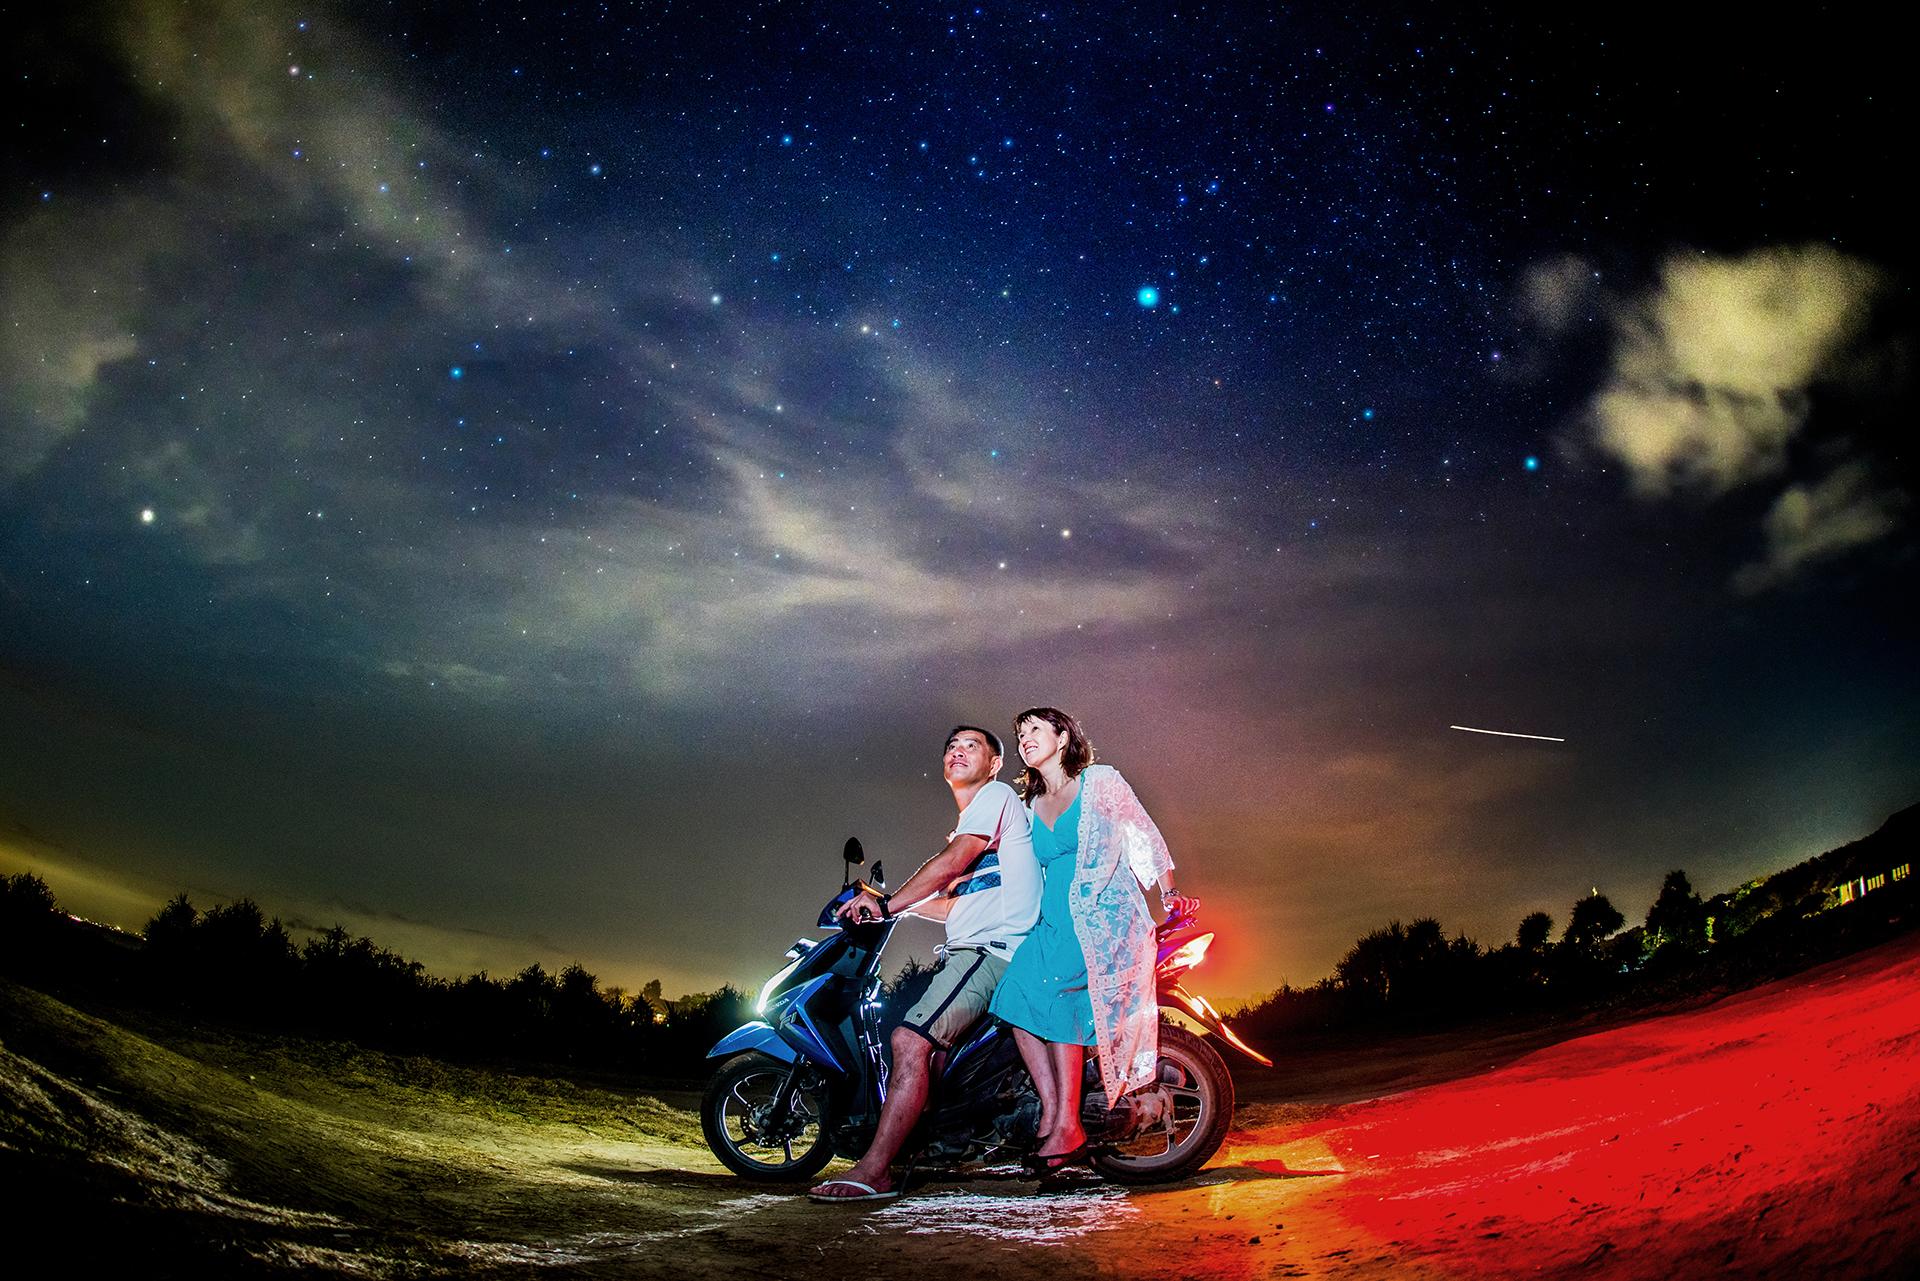 バイクに乗って星空を見に行こう